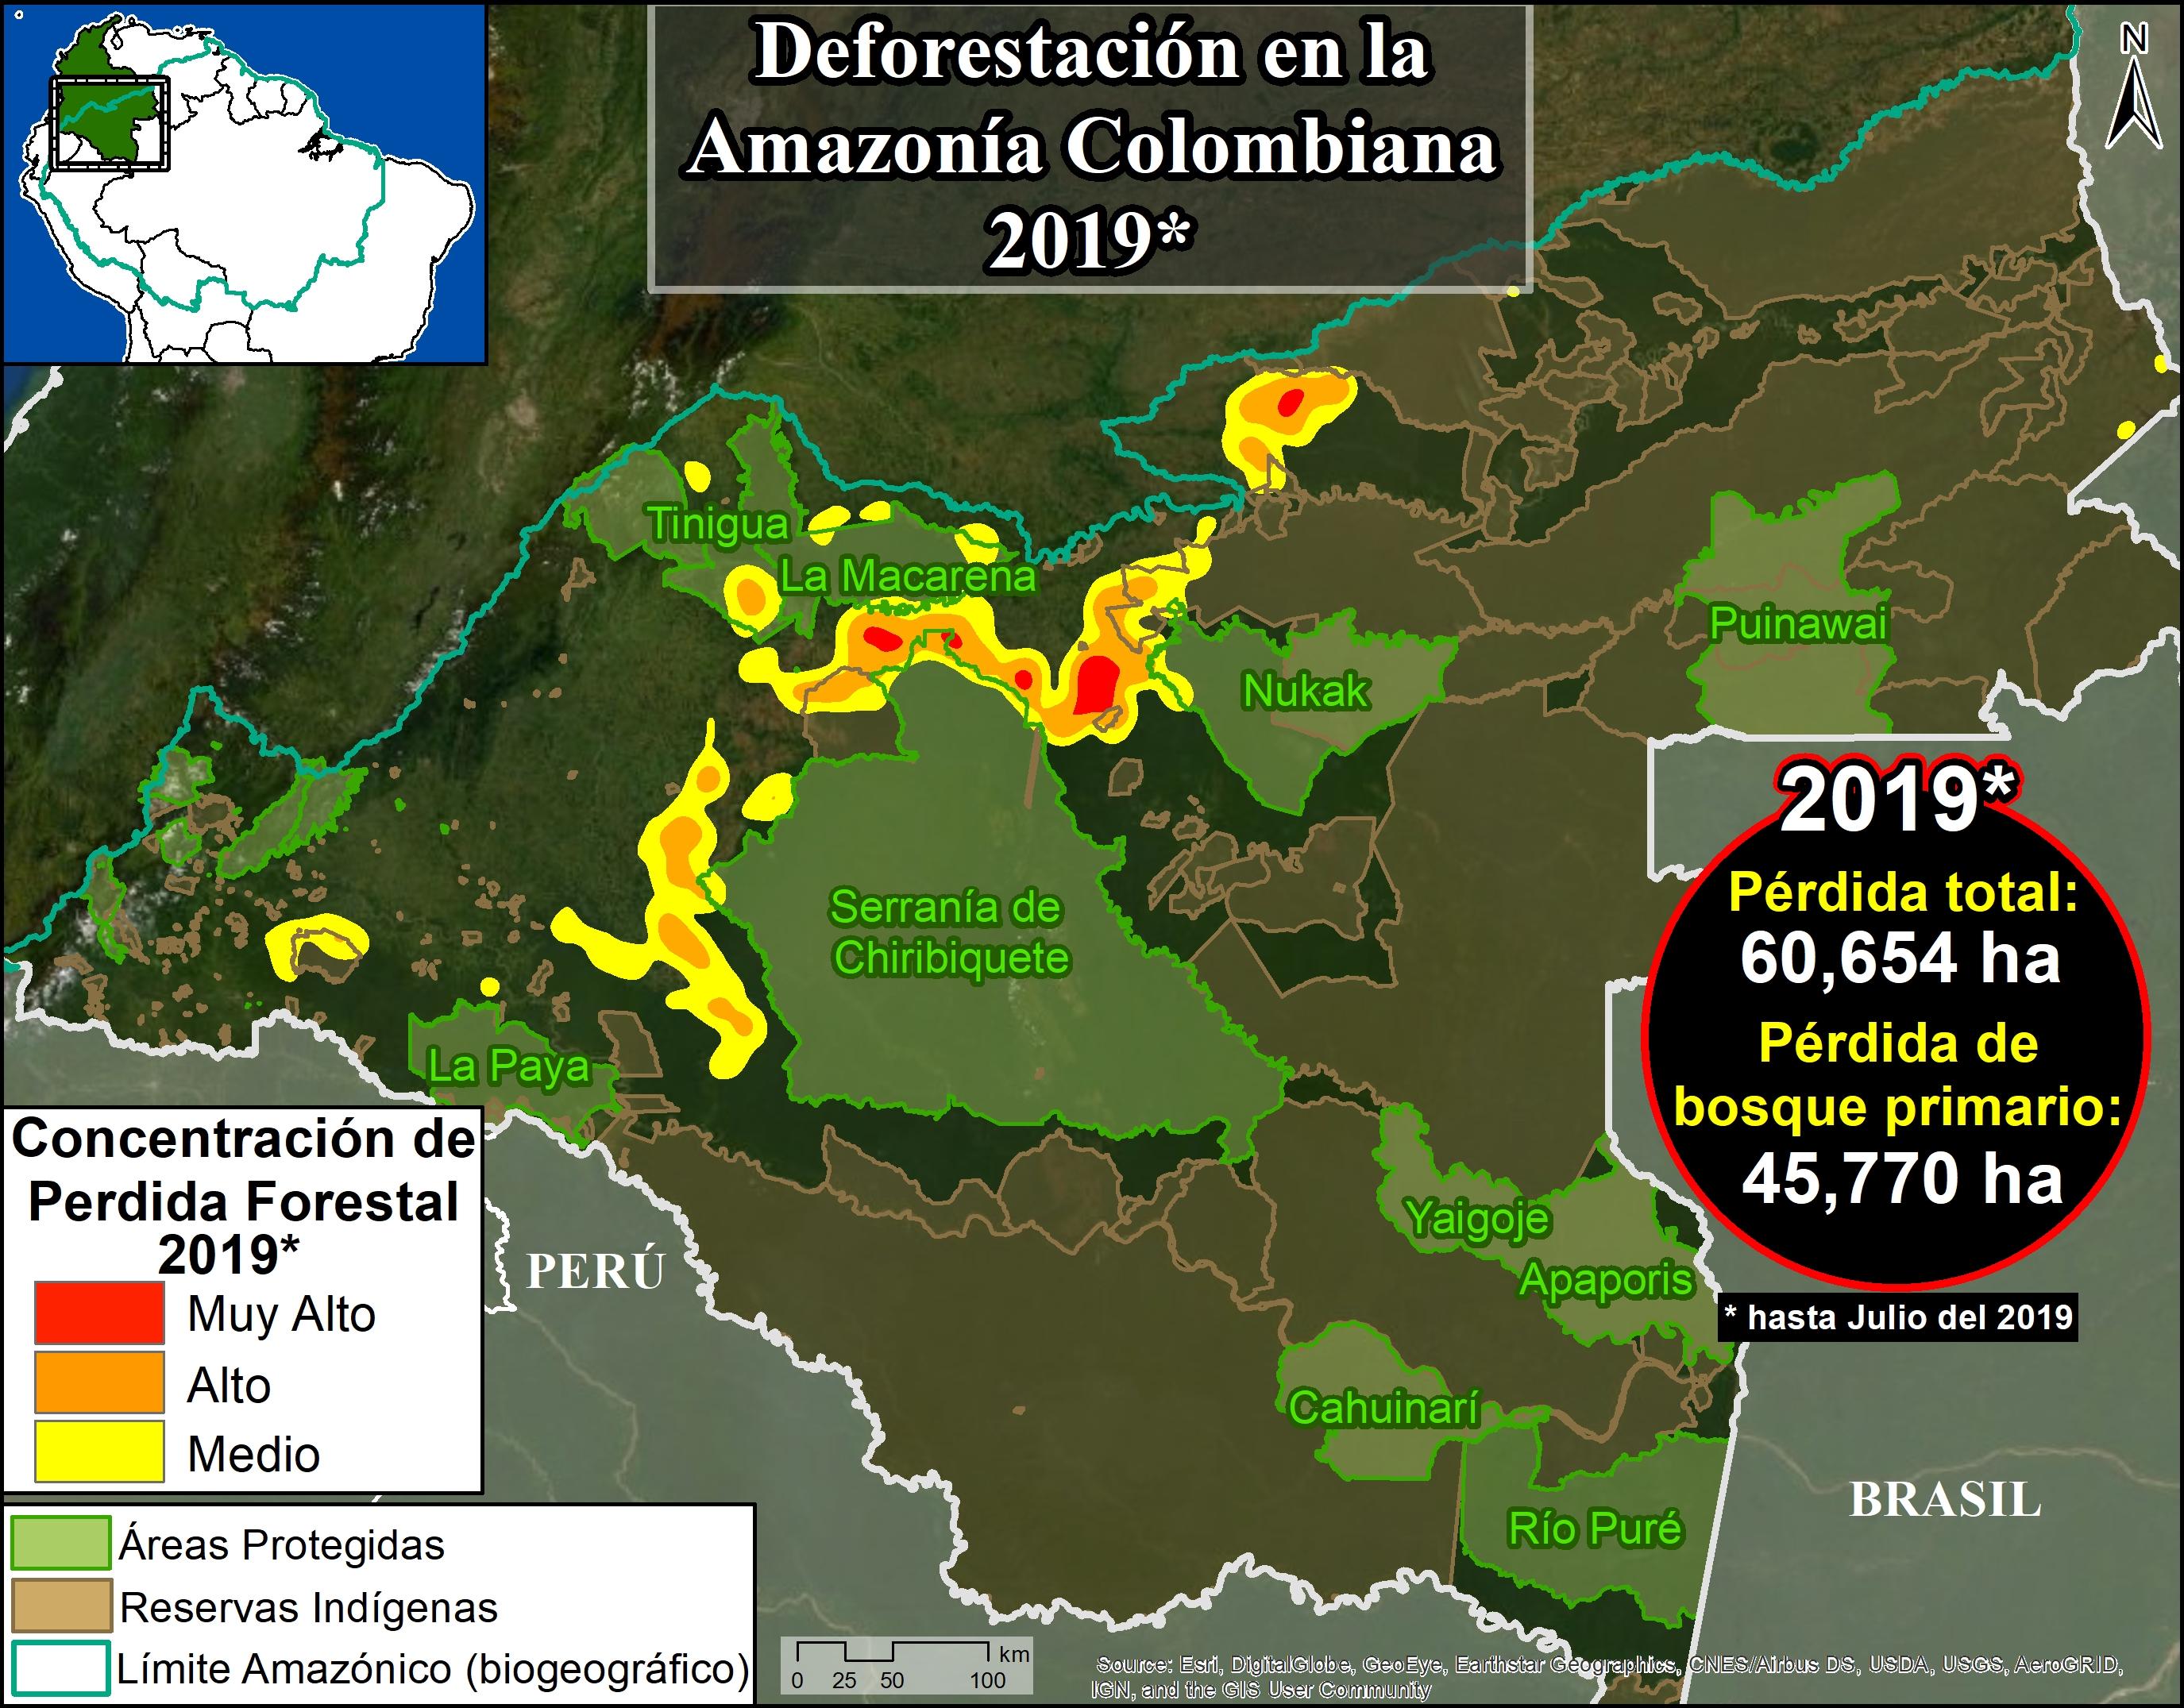 Deforestación parque Tinigua. Mapa Base. Hotspots de deforestación en la Amazonía colombiana. Datos: UMD/GLAD, RUNAP, RAISG